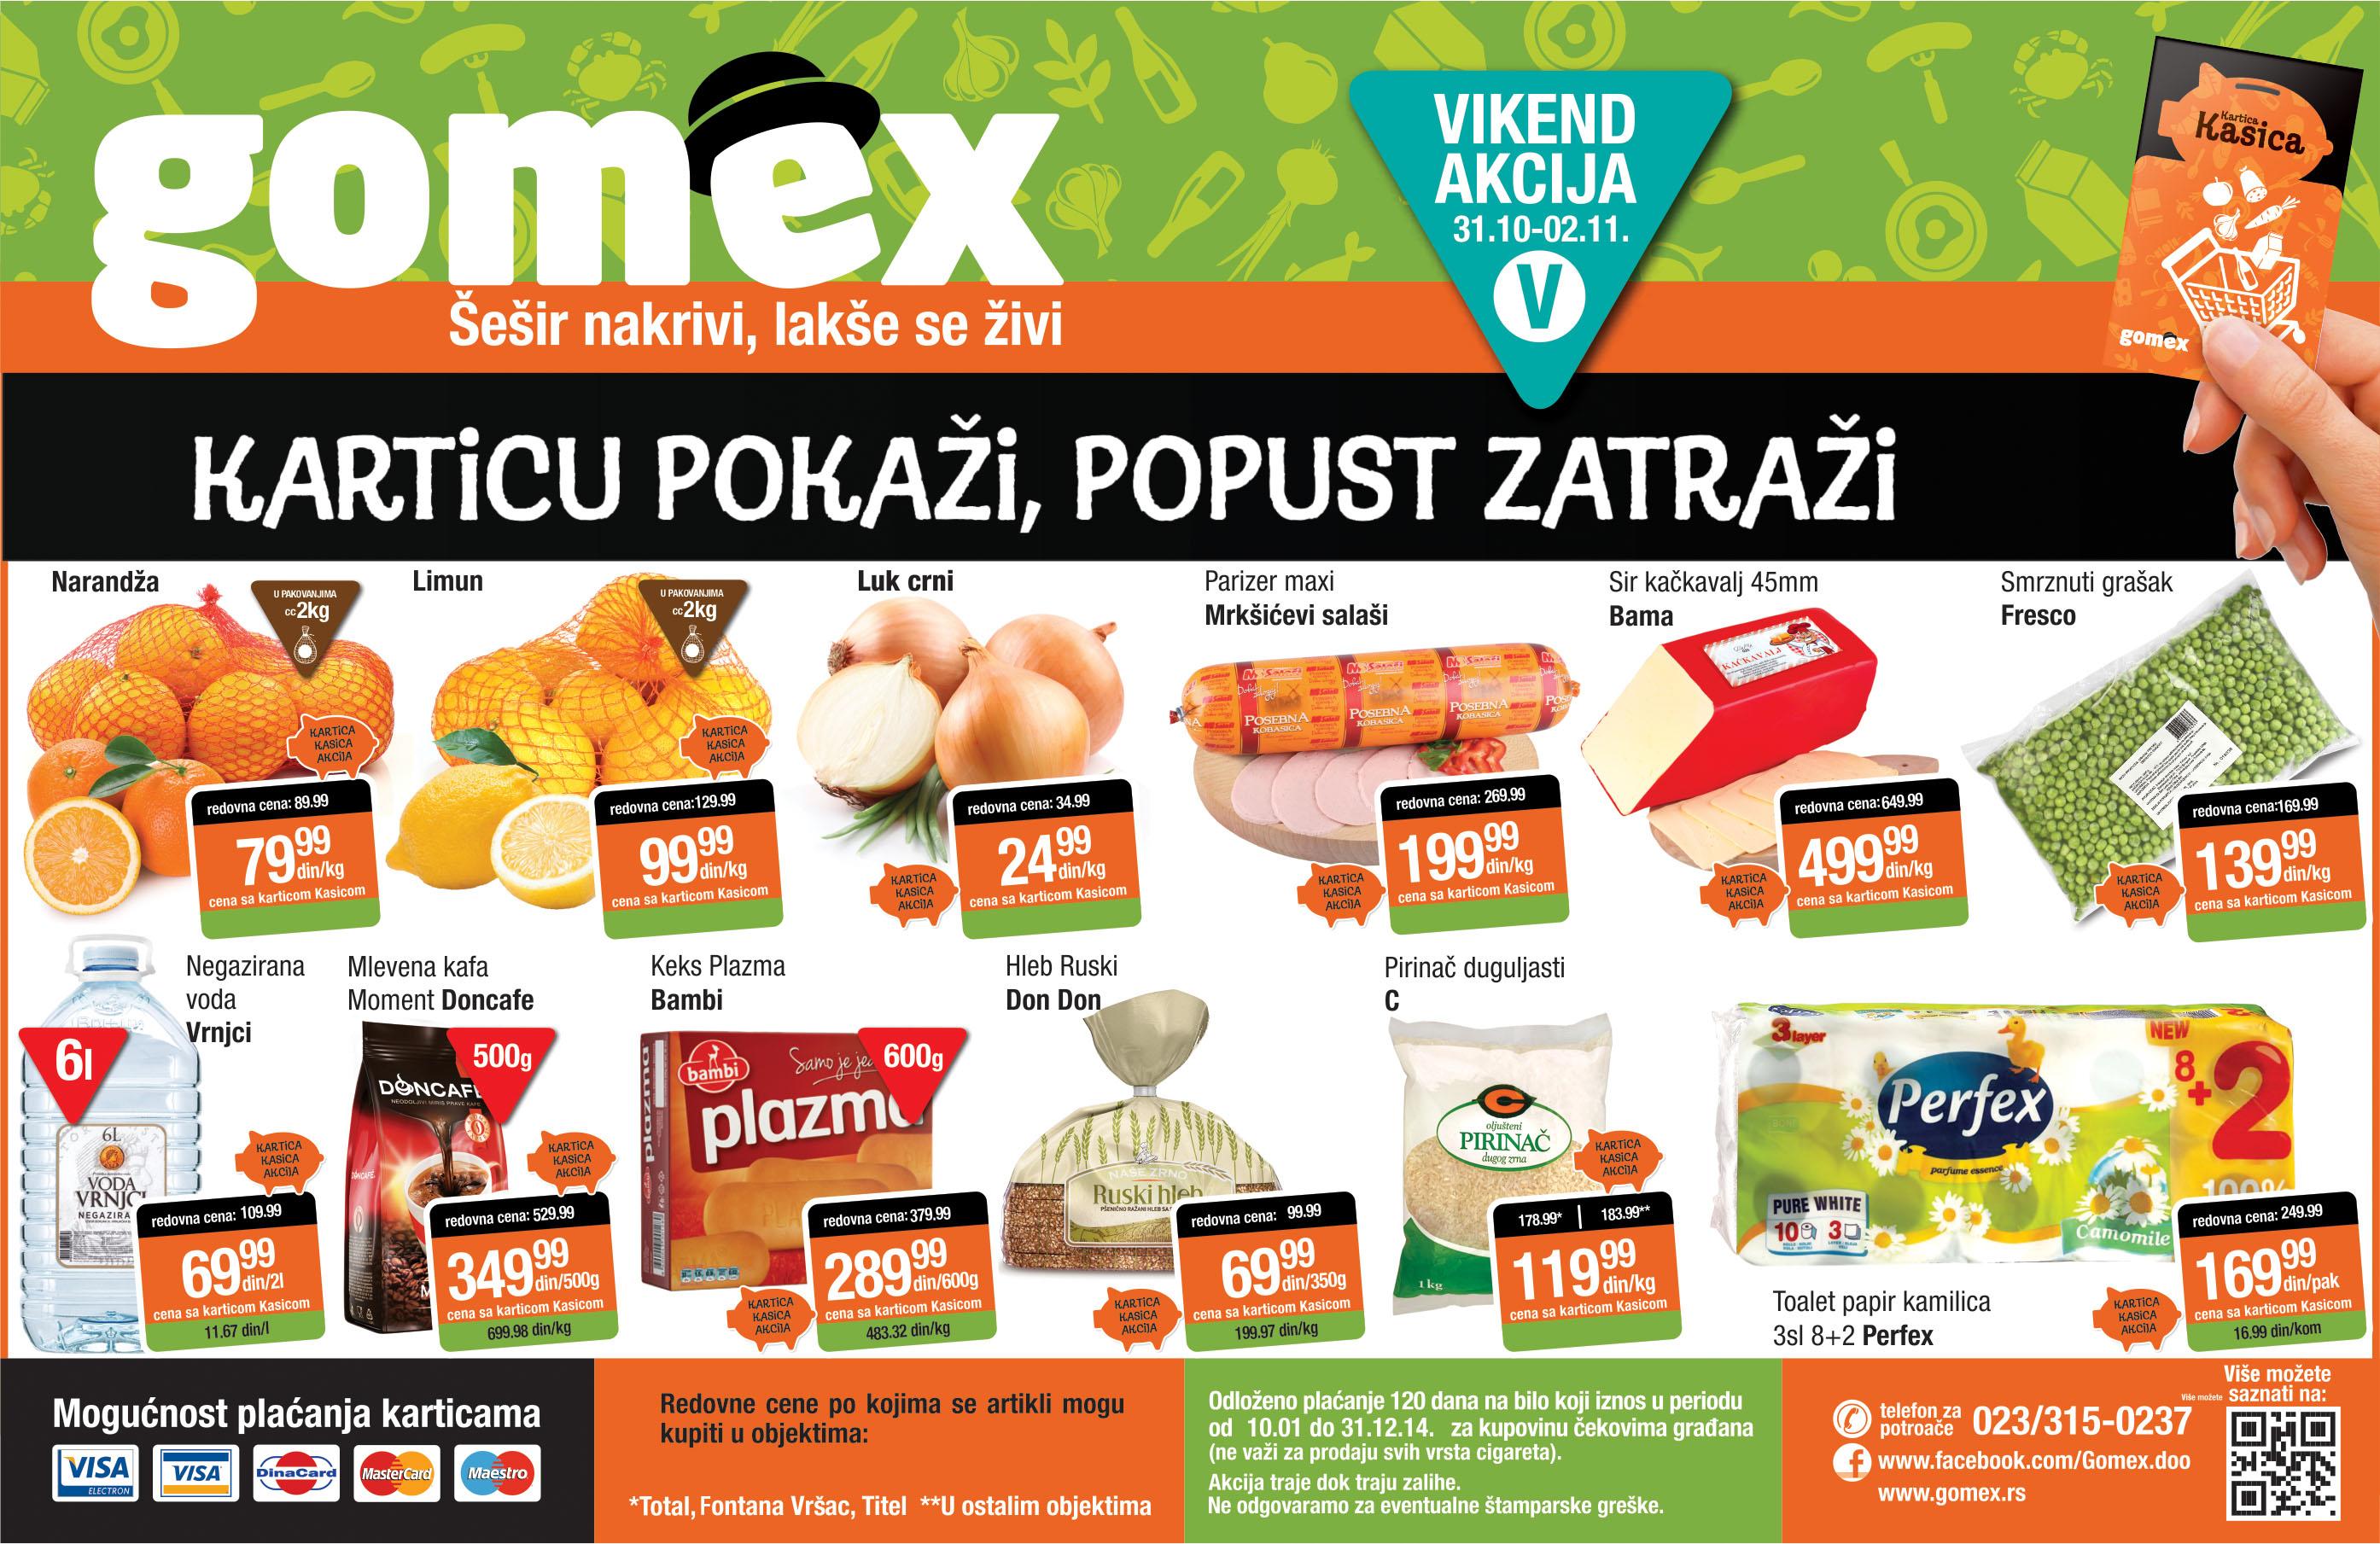 Gomex akcija vikend odlične ponude počinje